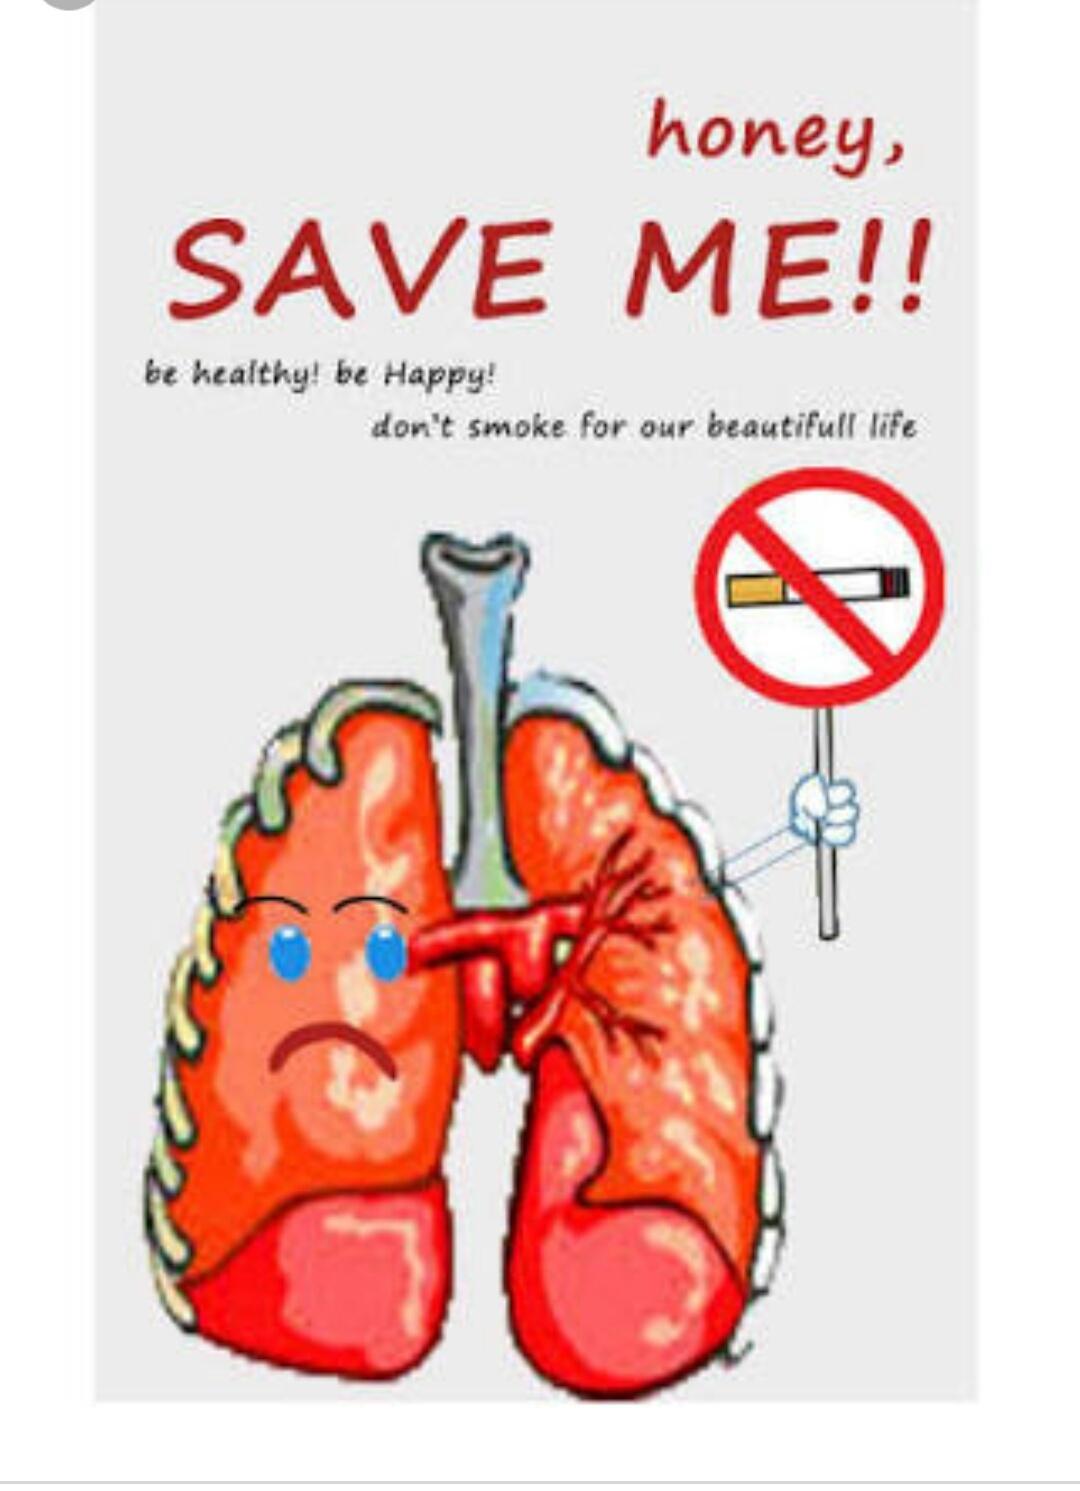 Unduh 98+ Gambar Poster Cara Menjaga Kesehatan Alat Pernapasan Terbaik Gratis